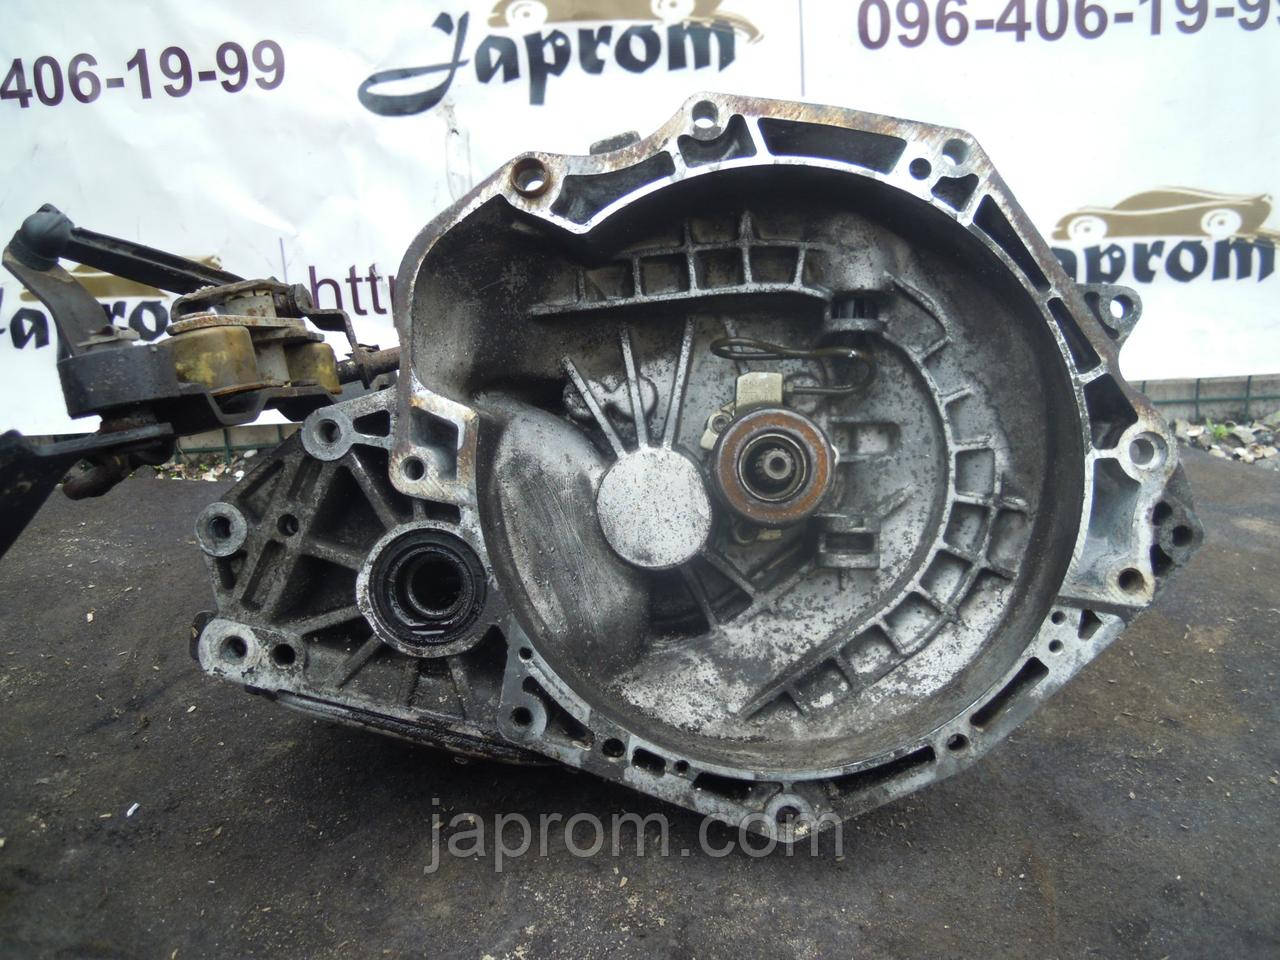 МКПП и АКПП механическая коробка передач Opel Vectra B 1995-2002г.в. F15 F17 1.6 1.8 16V GM90522510